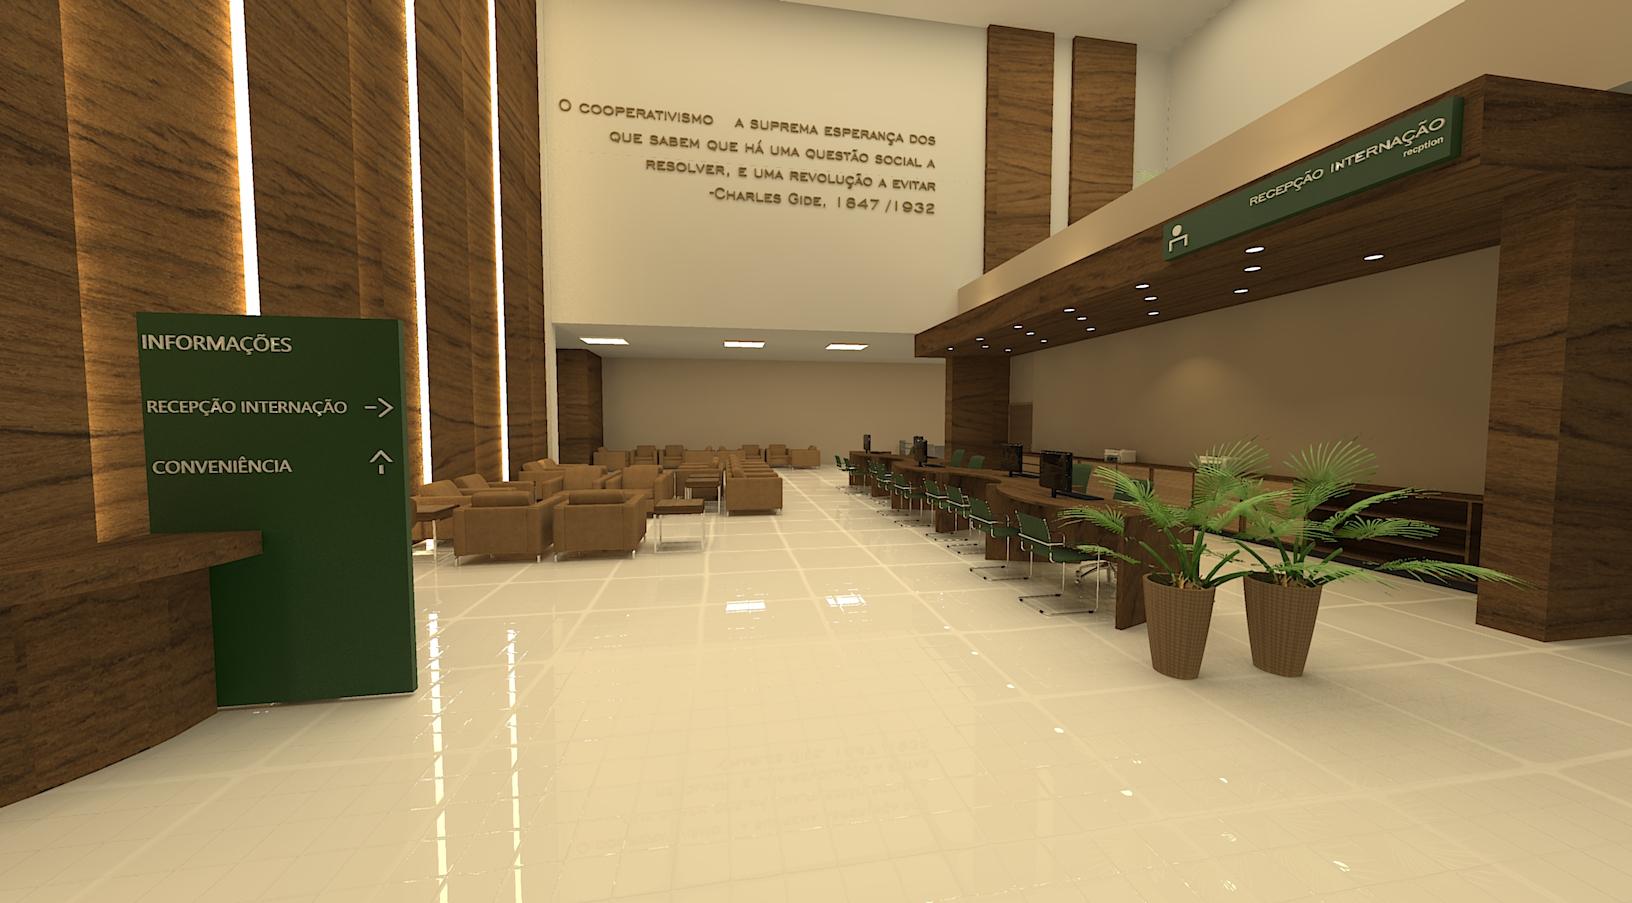 Imagem Ambientação 09 A ambientação dentro do edifício hospitalar